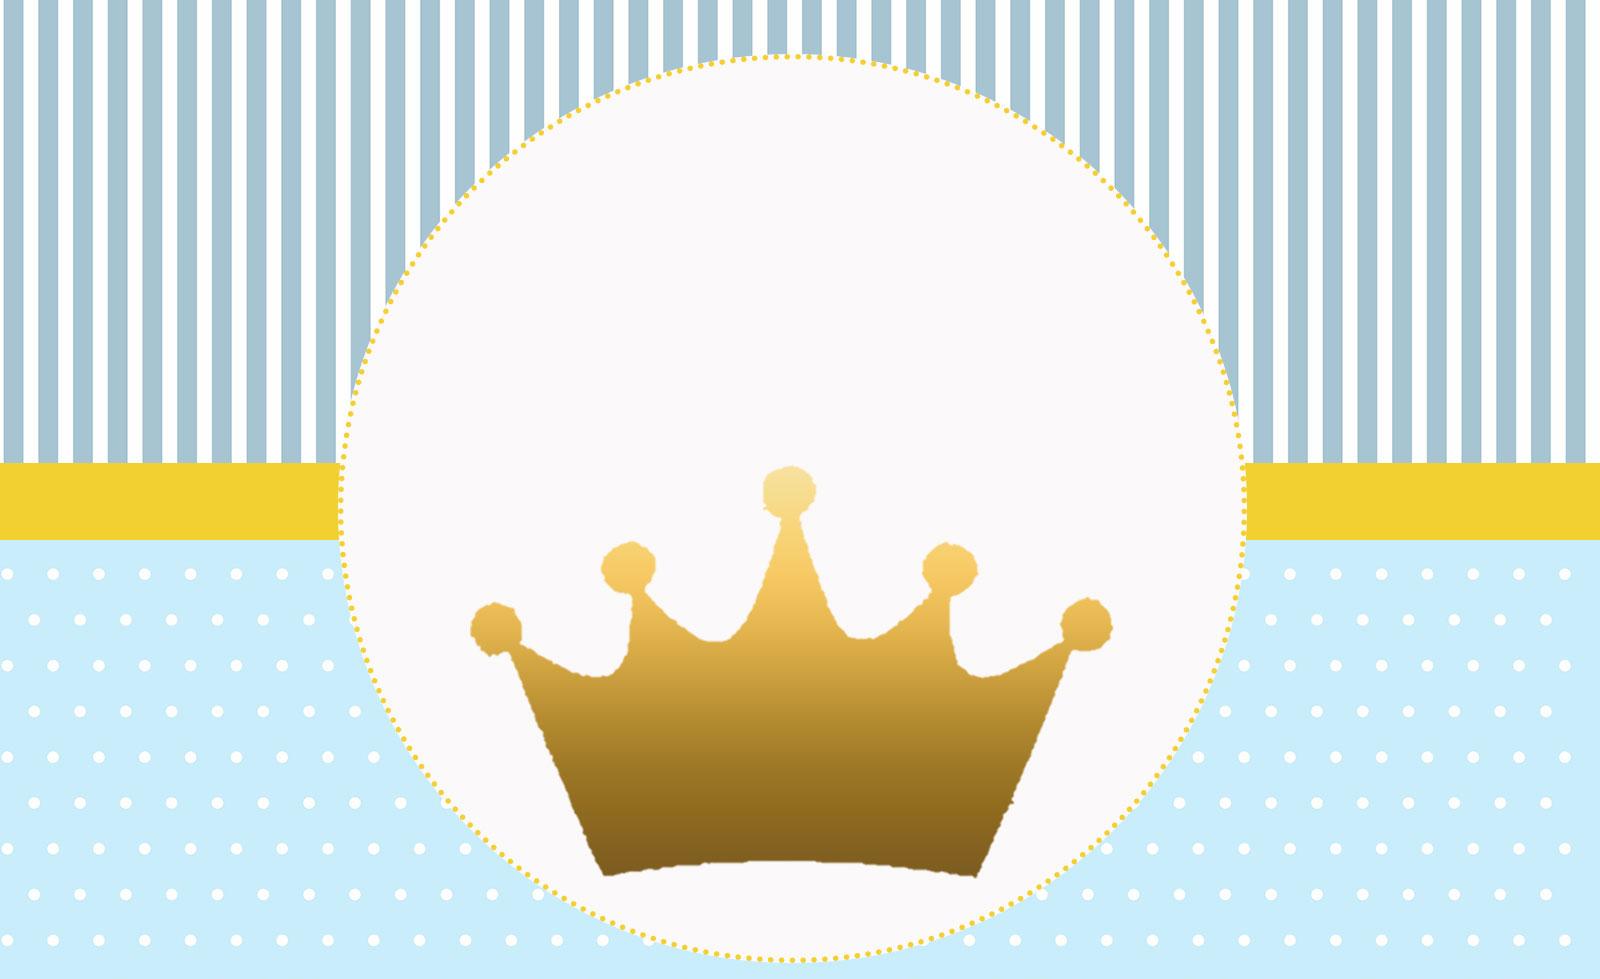 Príncipe Coroa Dourada – Kit festa infantil grátis para imprimir